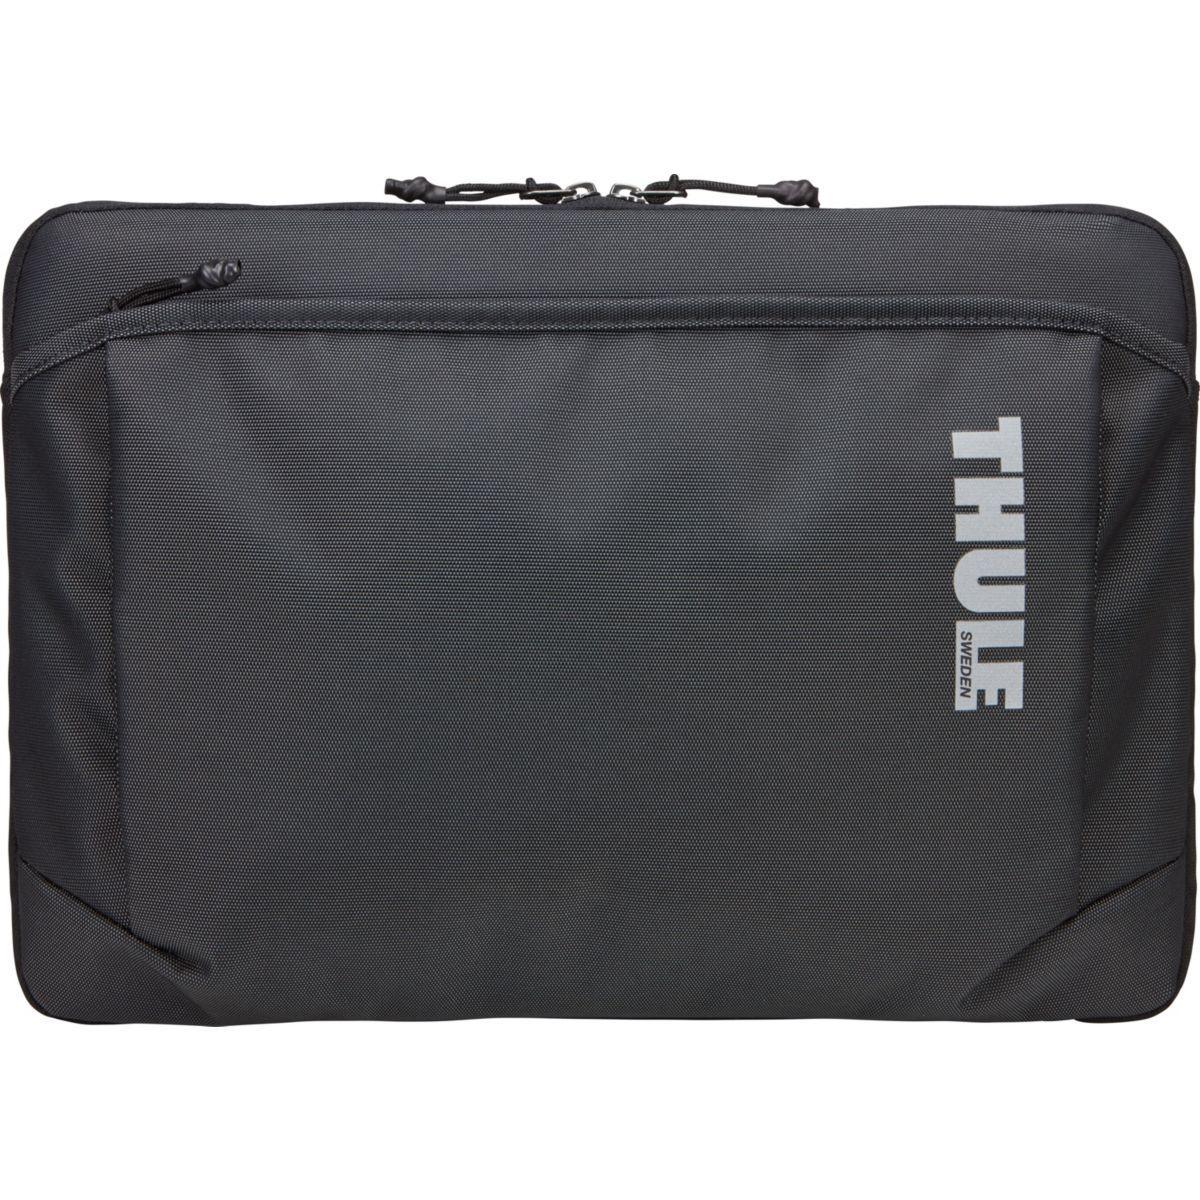 Sacoche thule macbook pro/rétina ou air - livraison offerte avec le code nouveaute